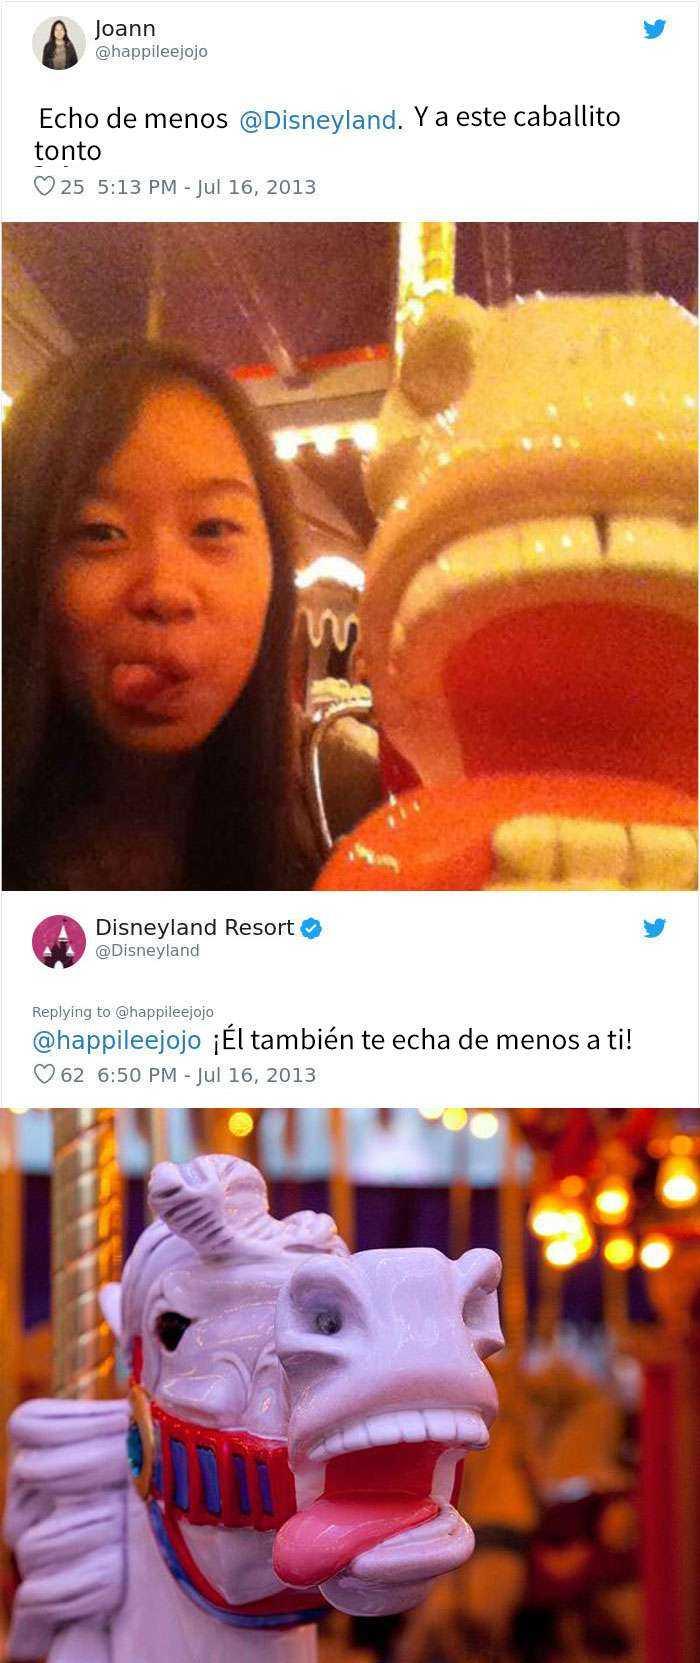 1546528655 4 20 cosas geniales que hicieron los empleados de disney - 20 Cosas geniales que hicieron los empleados de Disney